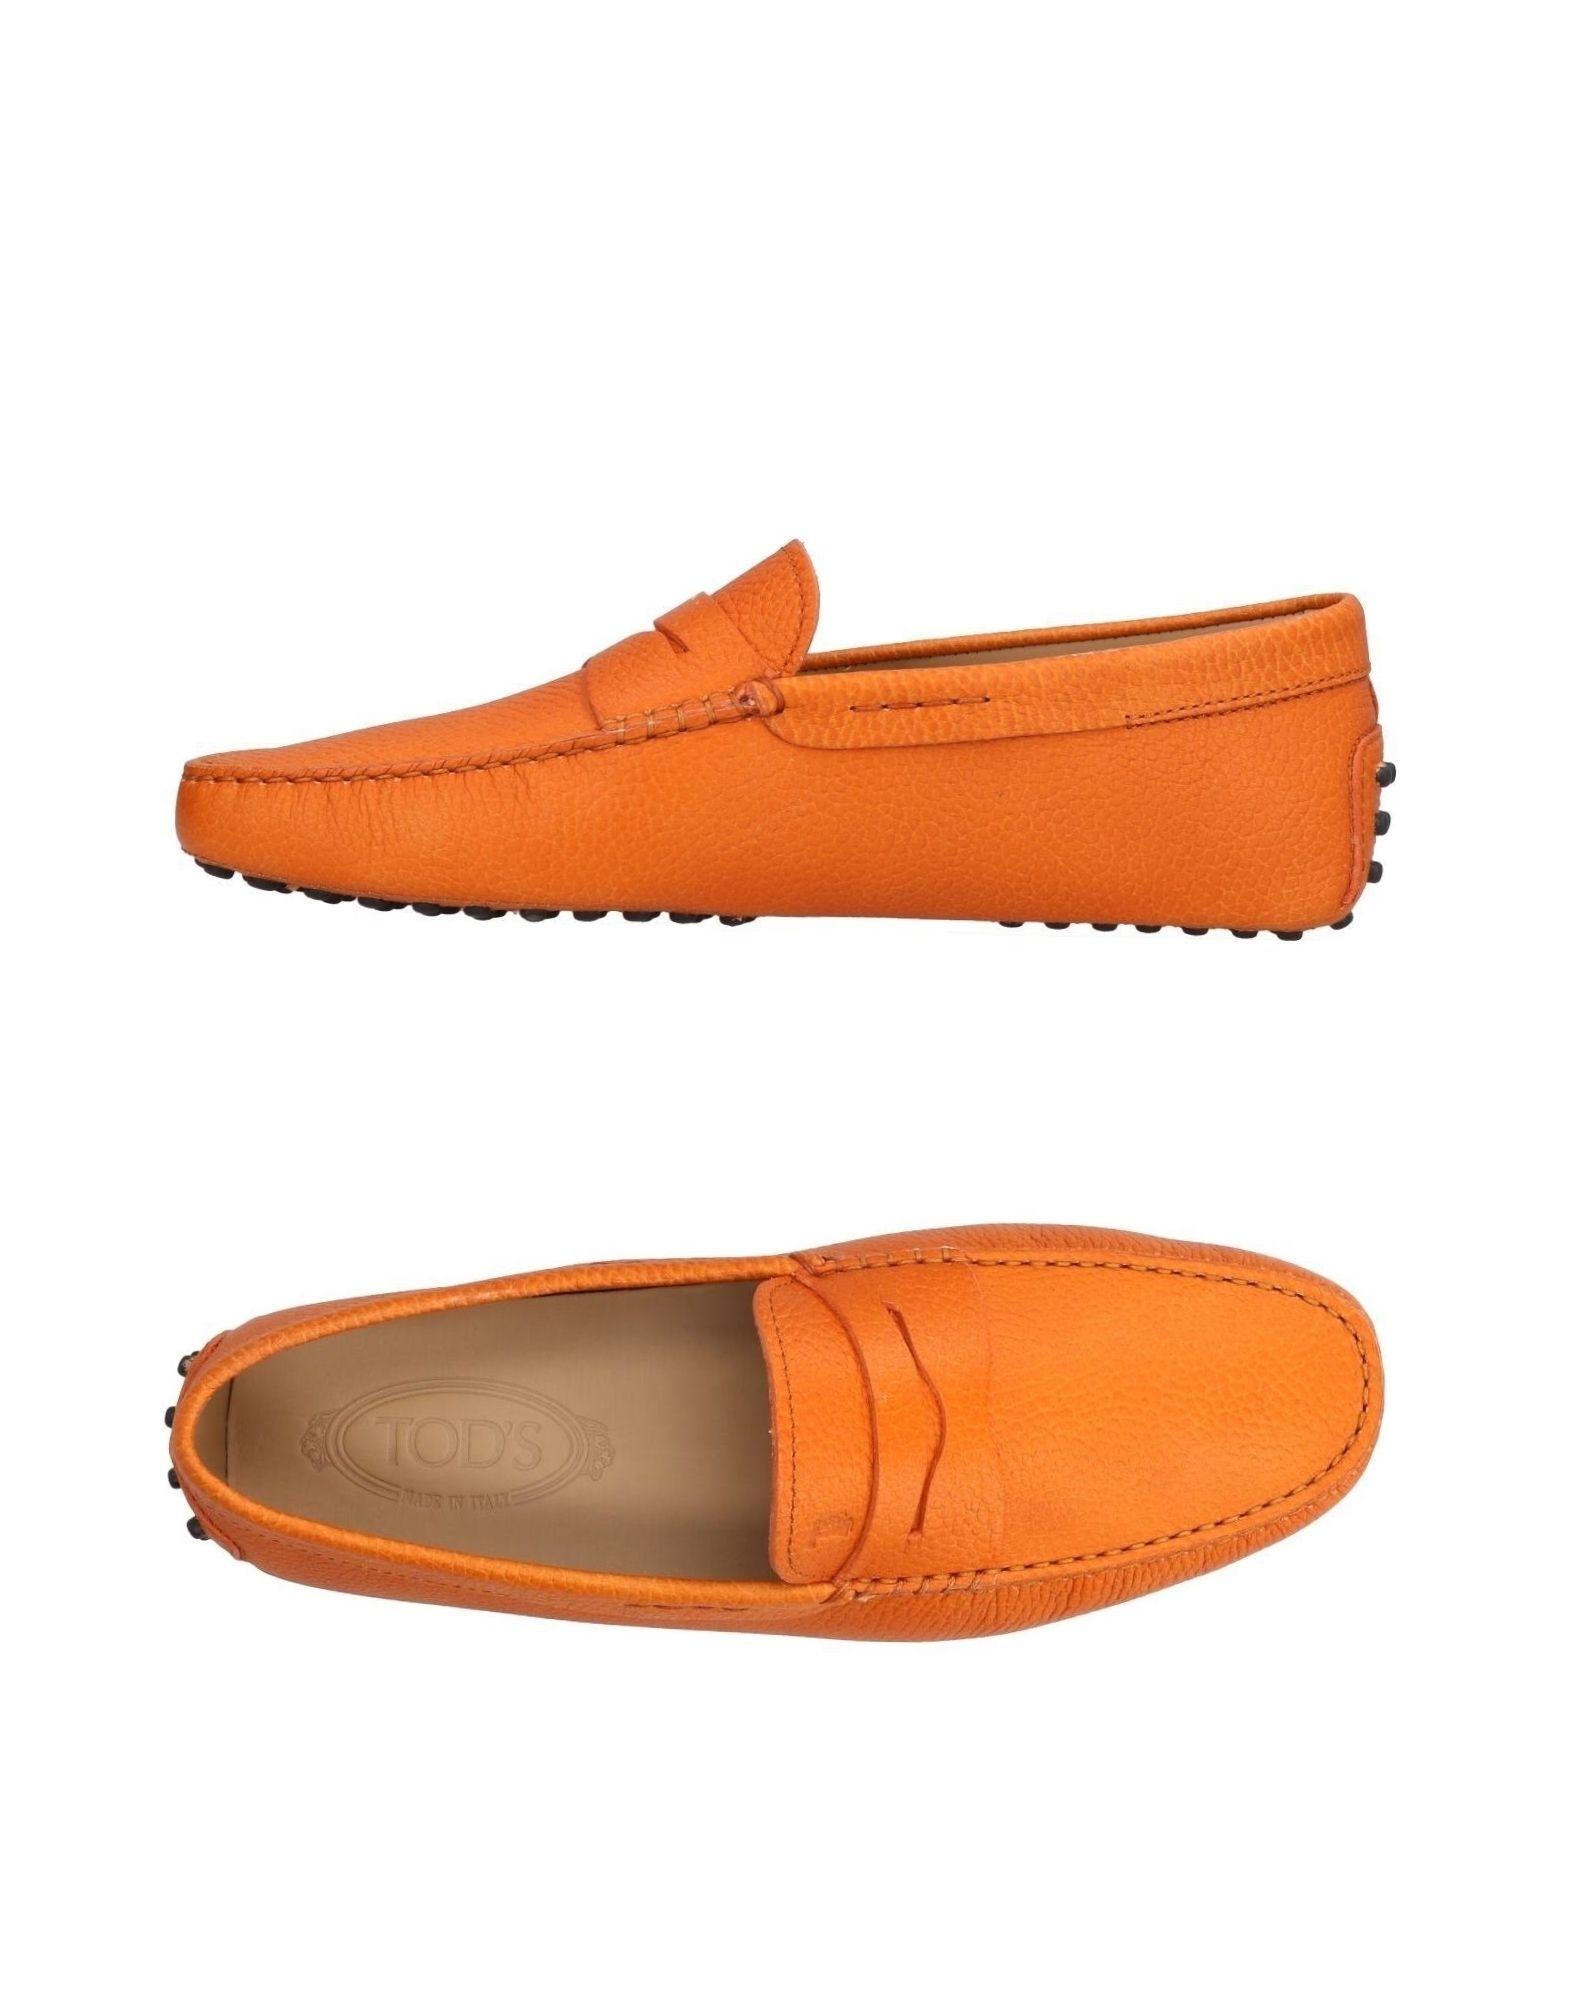 Tod's Mokassins Herren  11413430DP Gute Qualität beliebte Schuhe